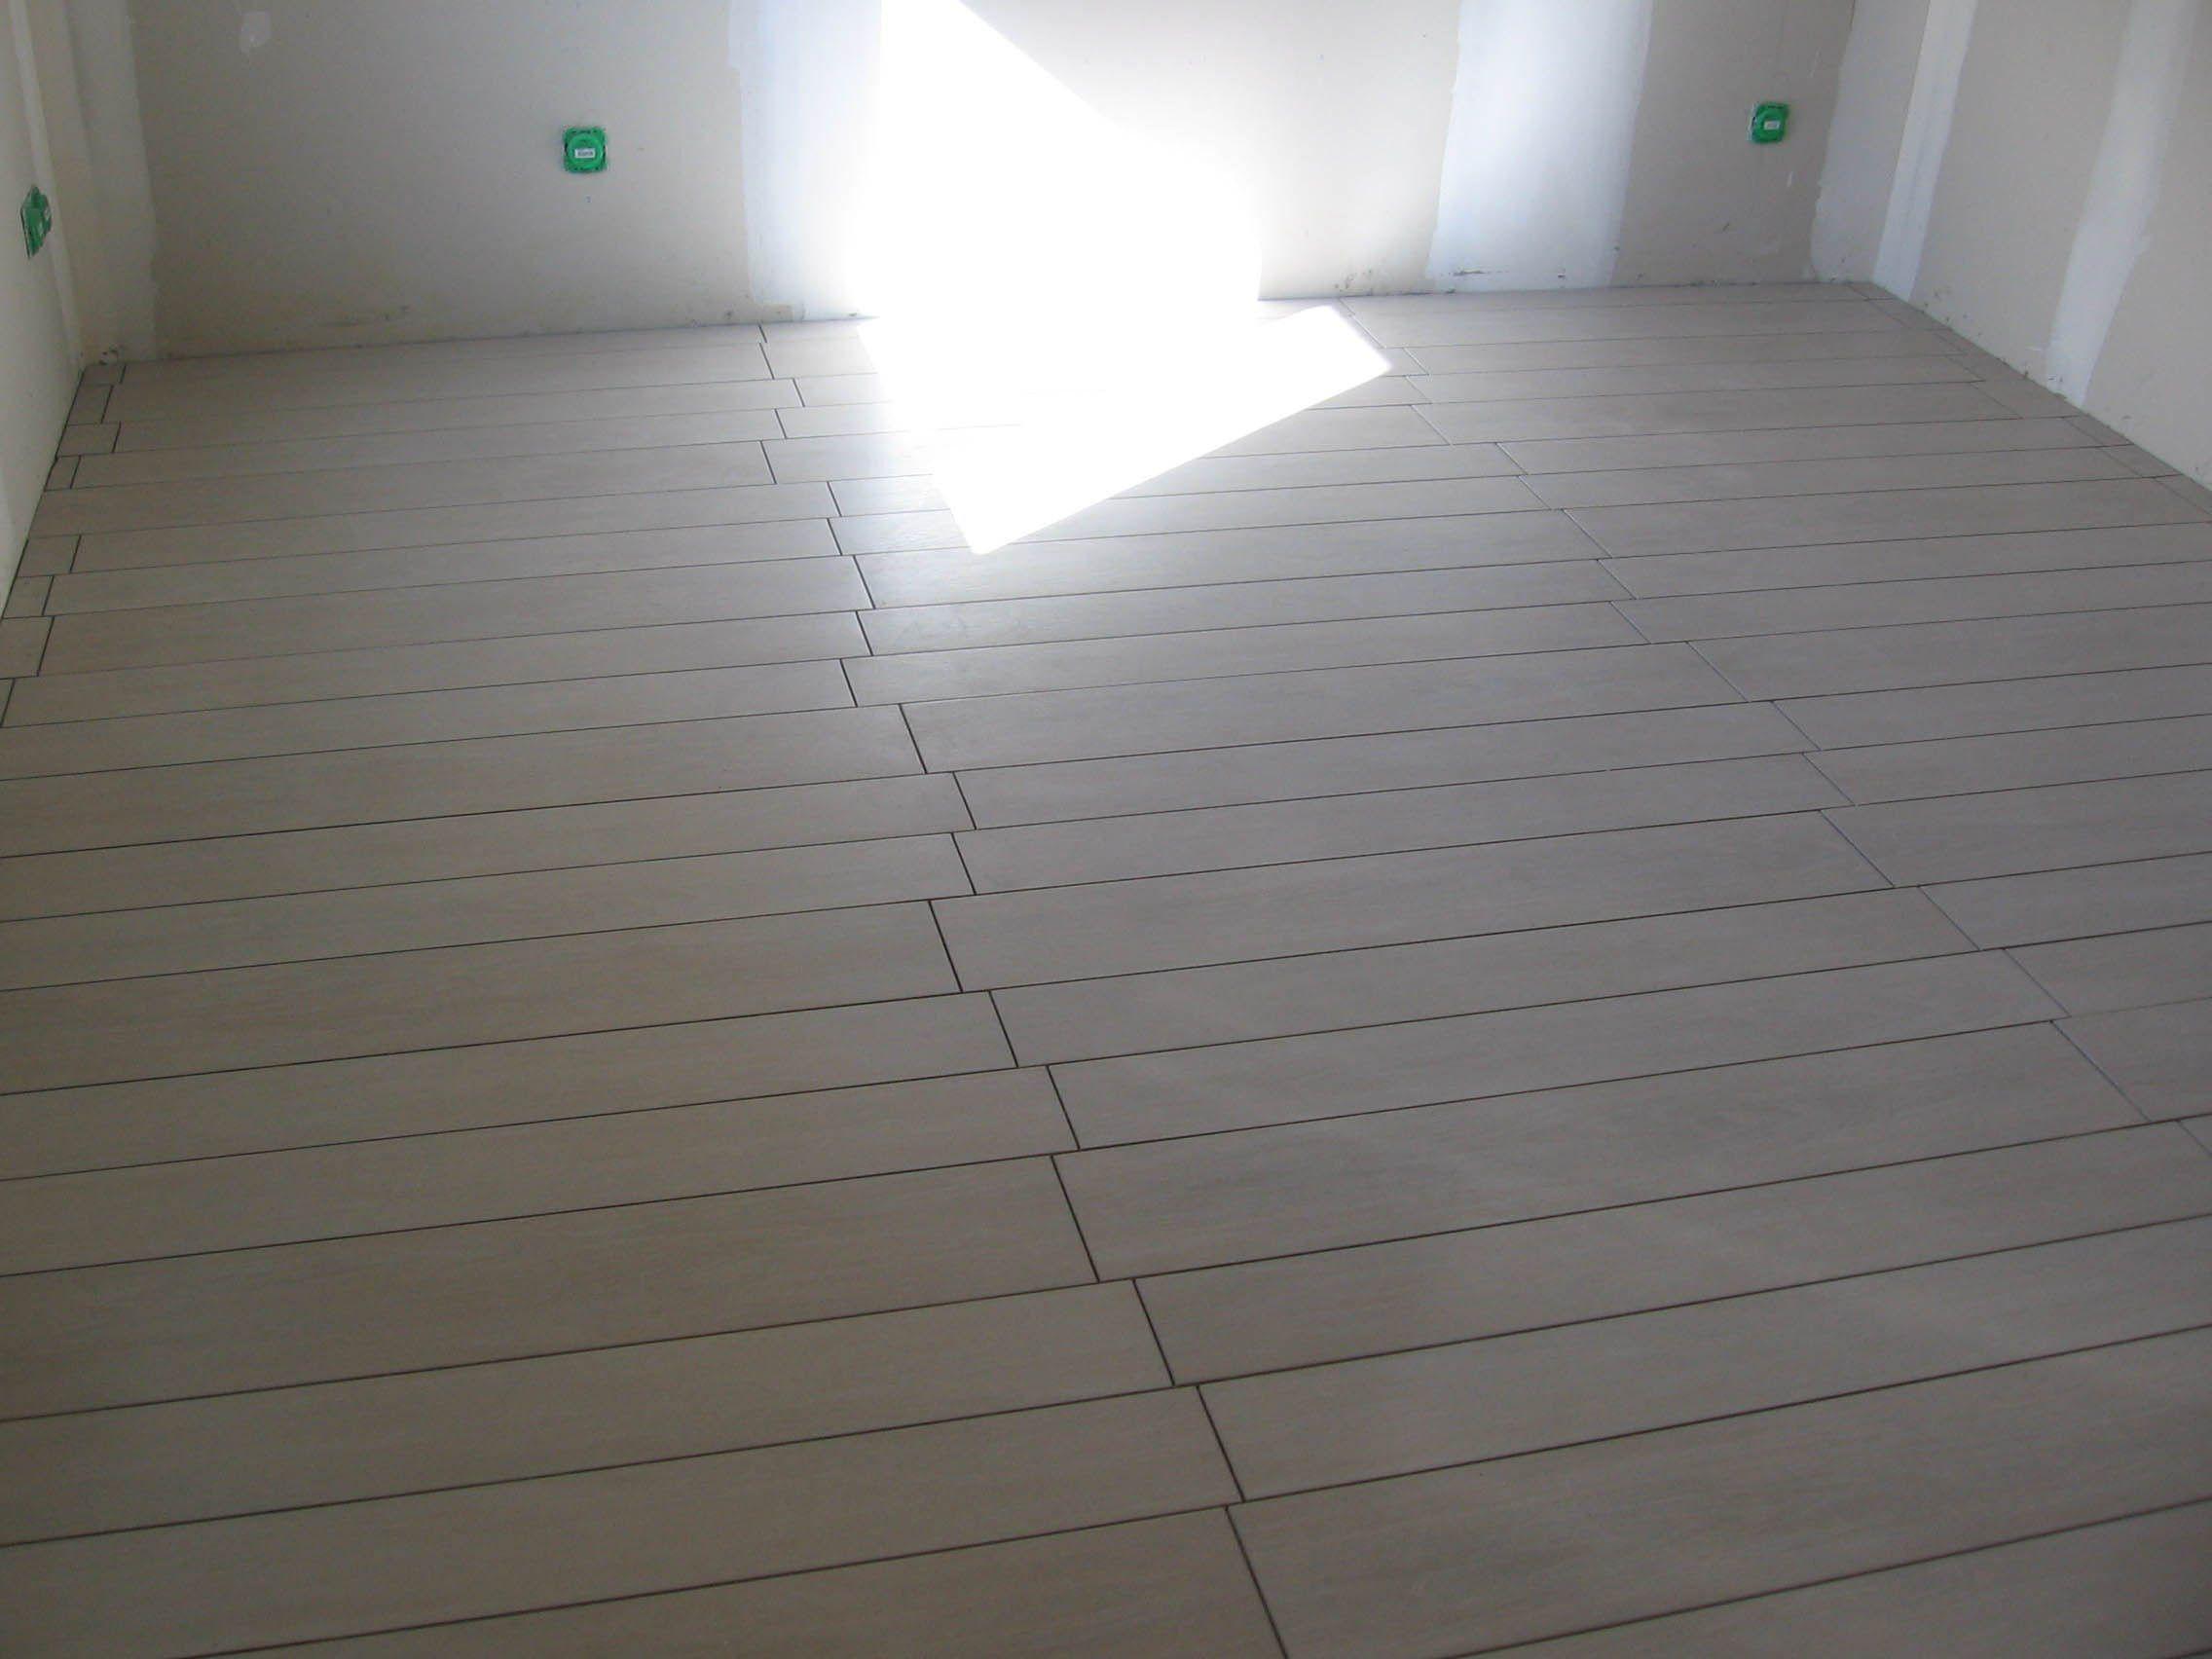 Lovely Comment Poser Carrelage Imitation Parquet Flooring Tile Floor Parquet